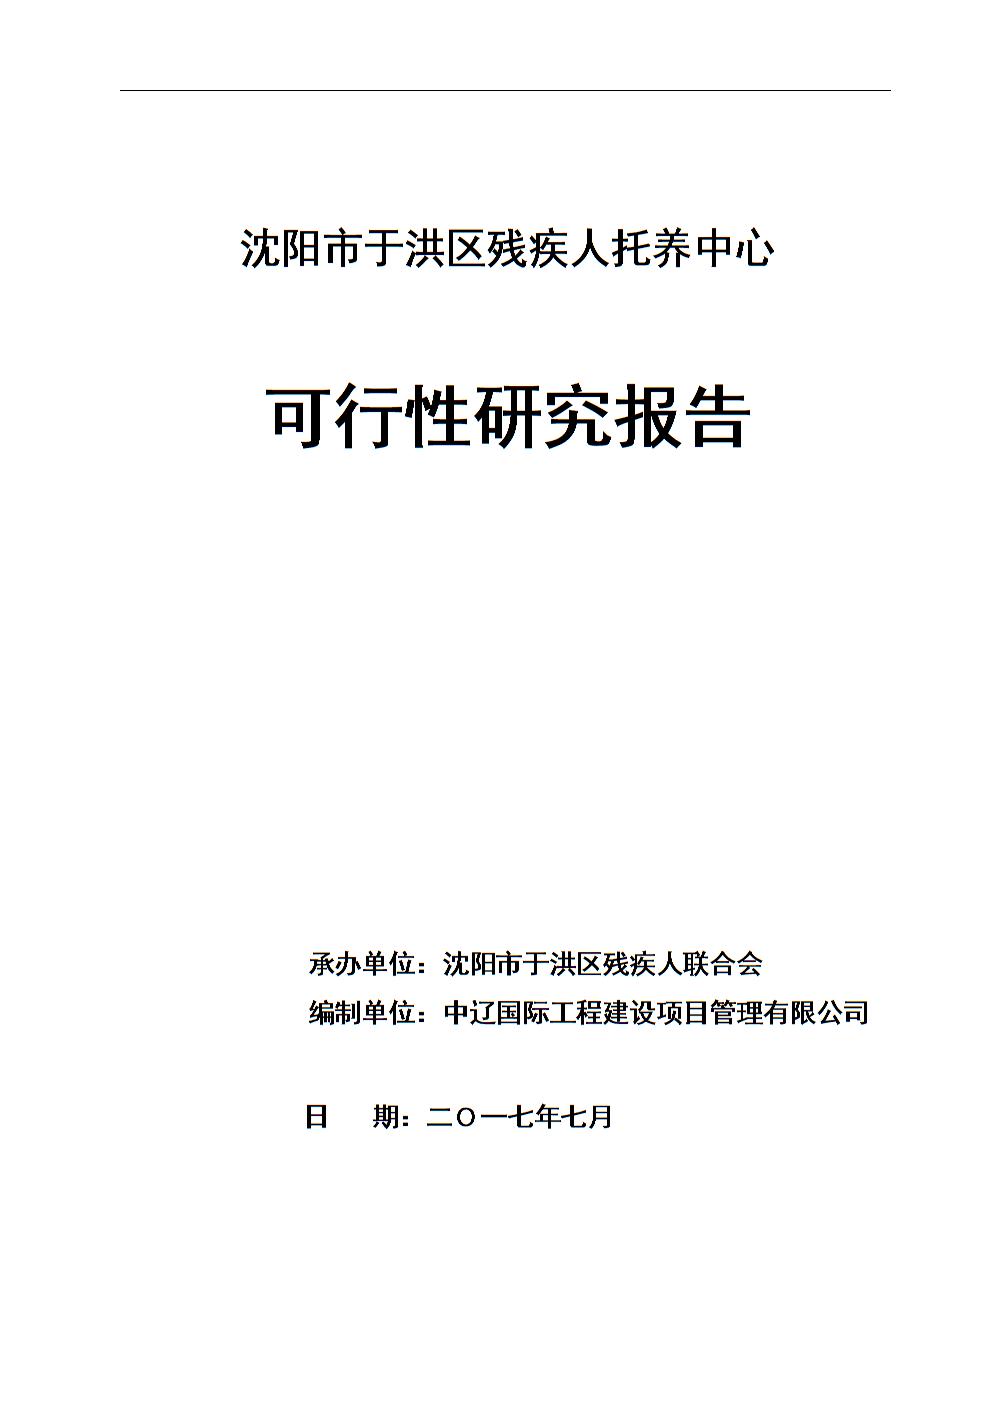 沈阳市于洪区残疾人托养康复中心可行性研究报告.doc